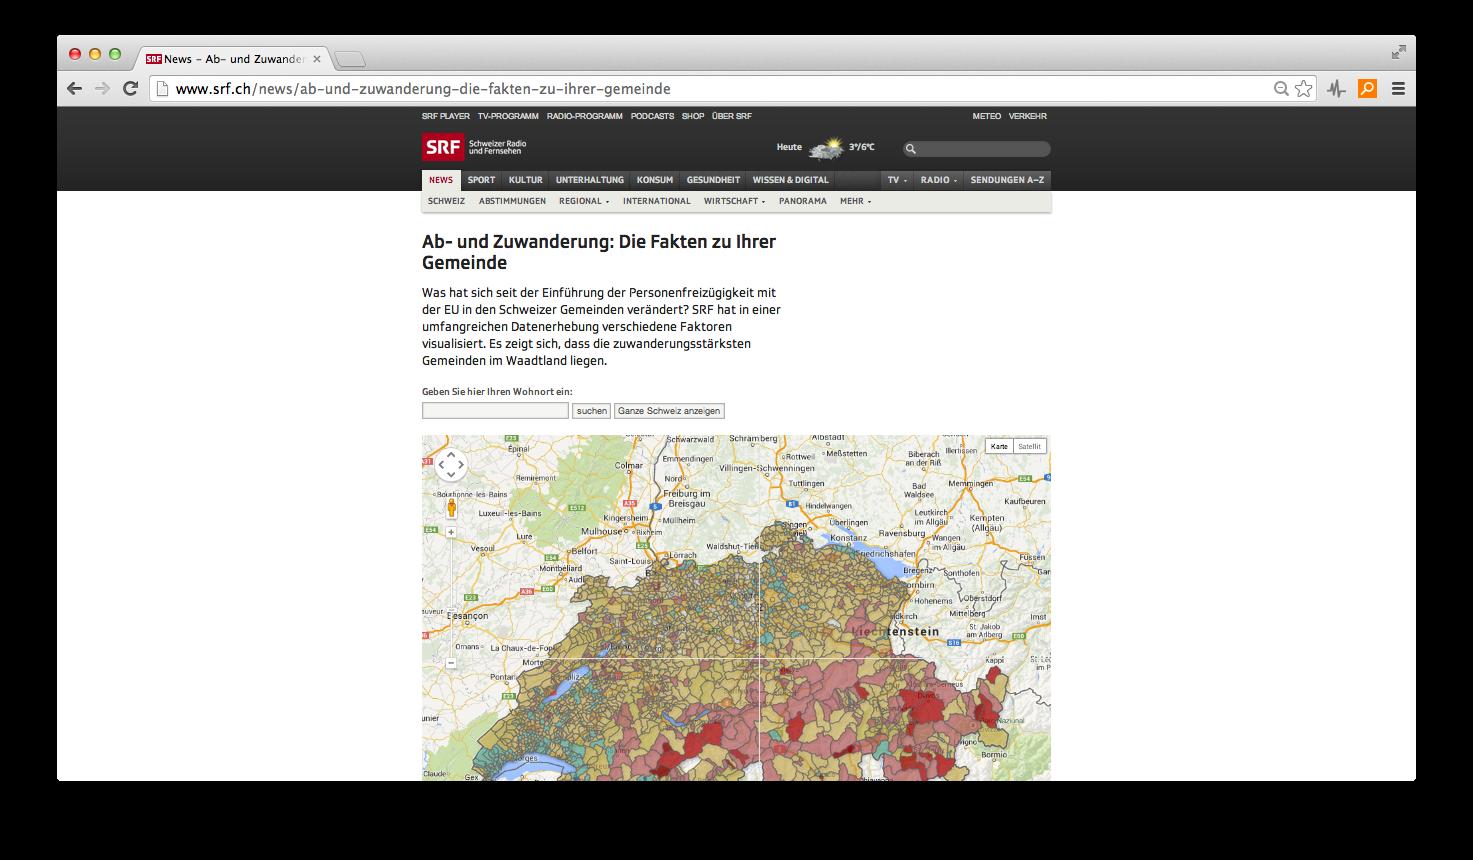 Datenjournalismus: Flickenteppich der Zuwanderung